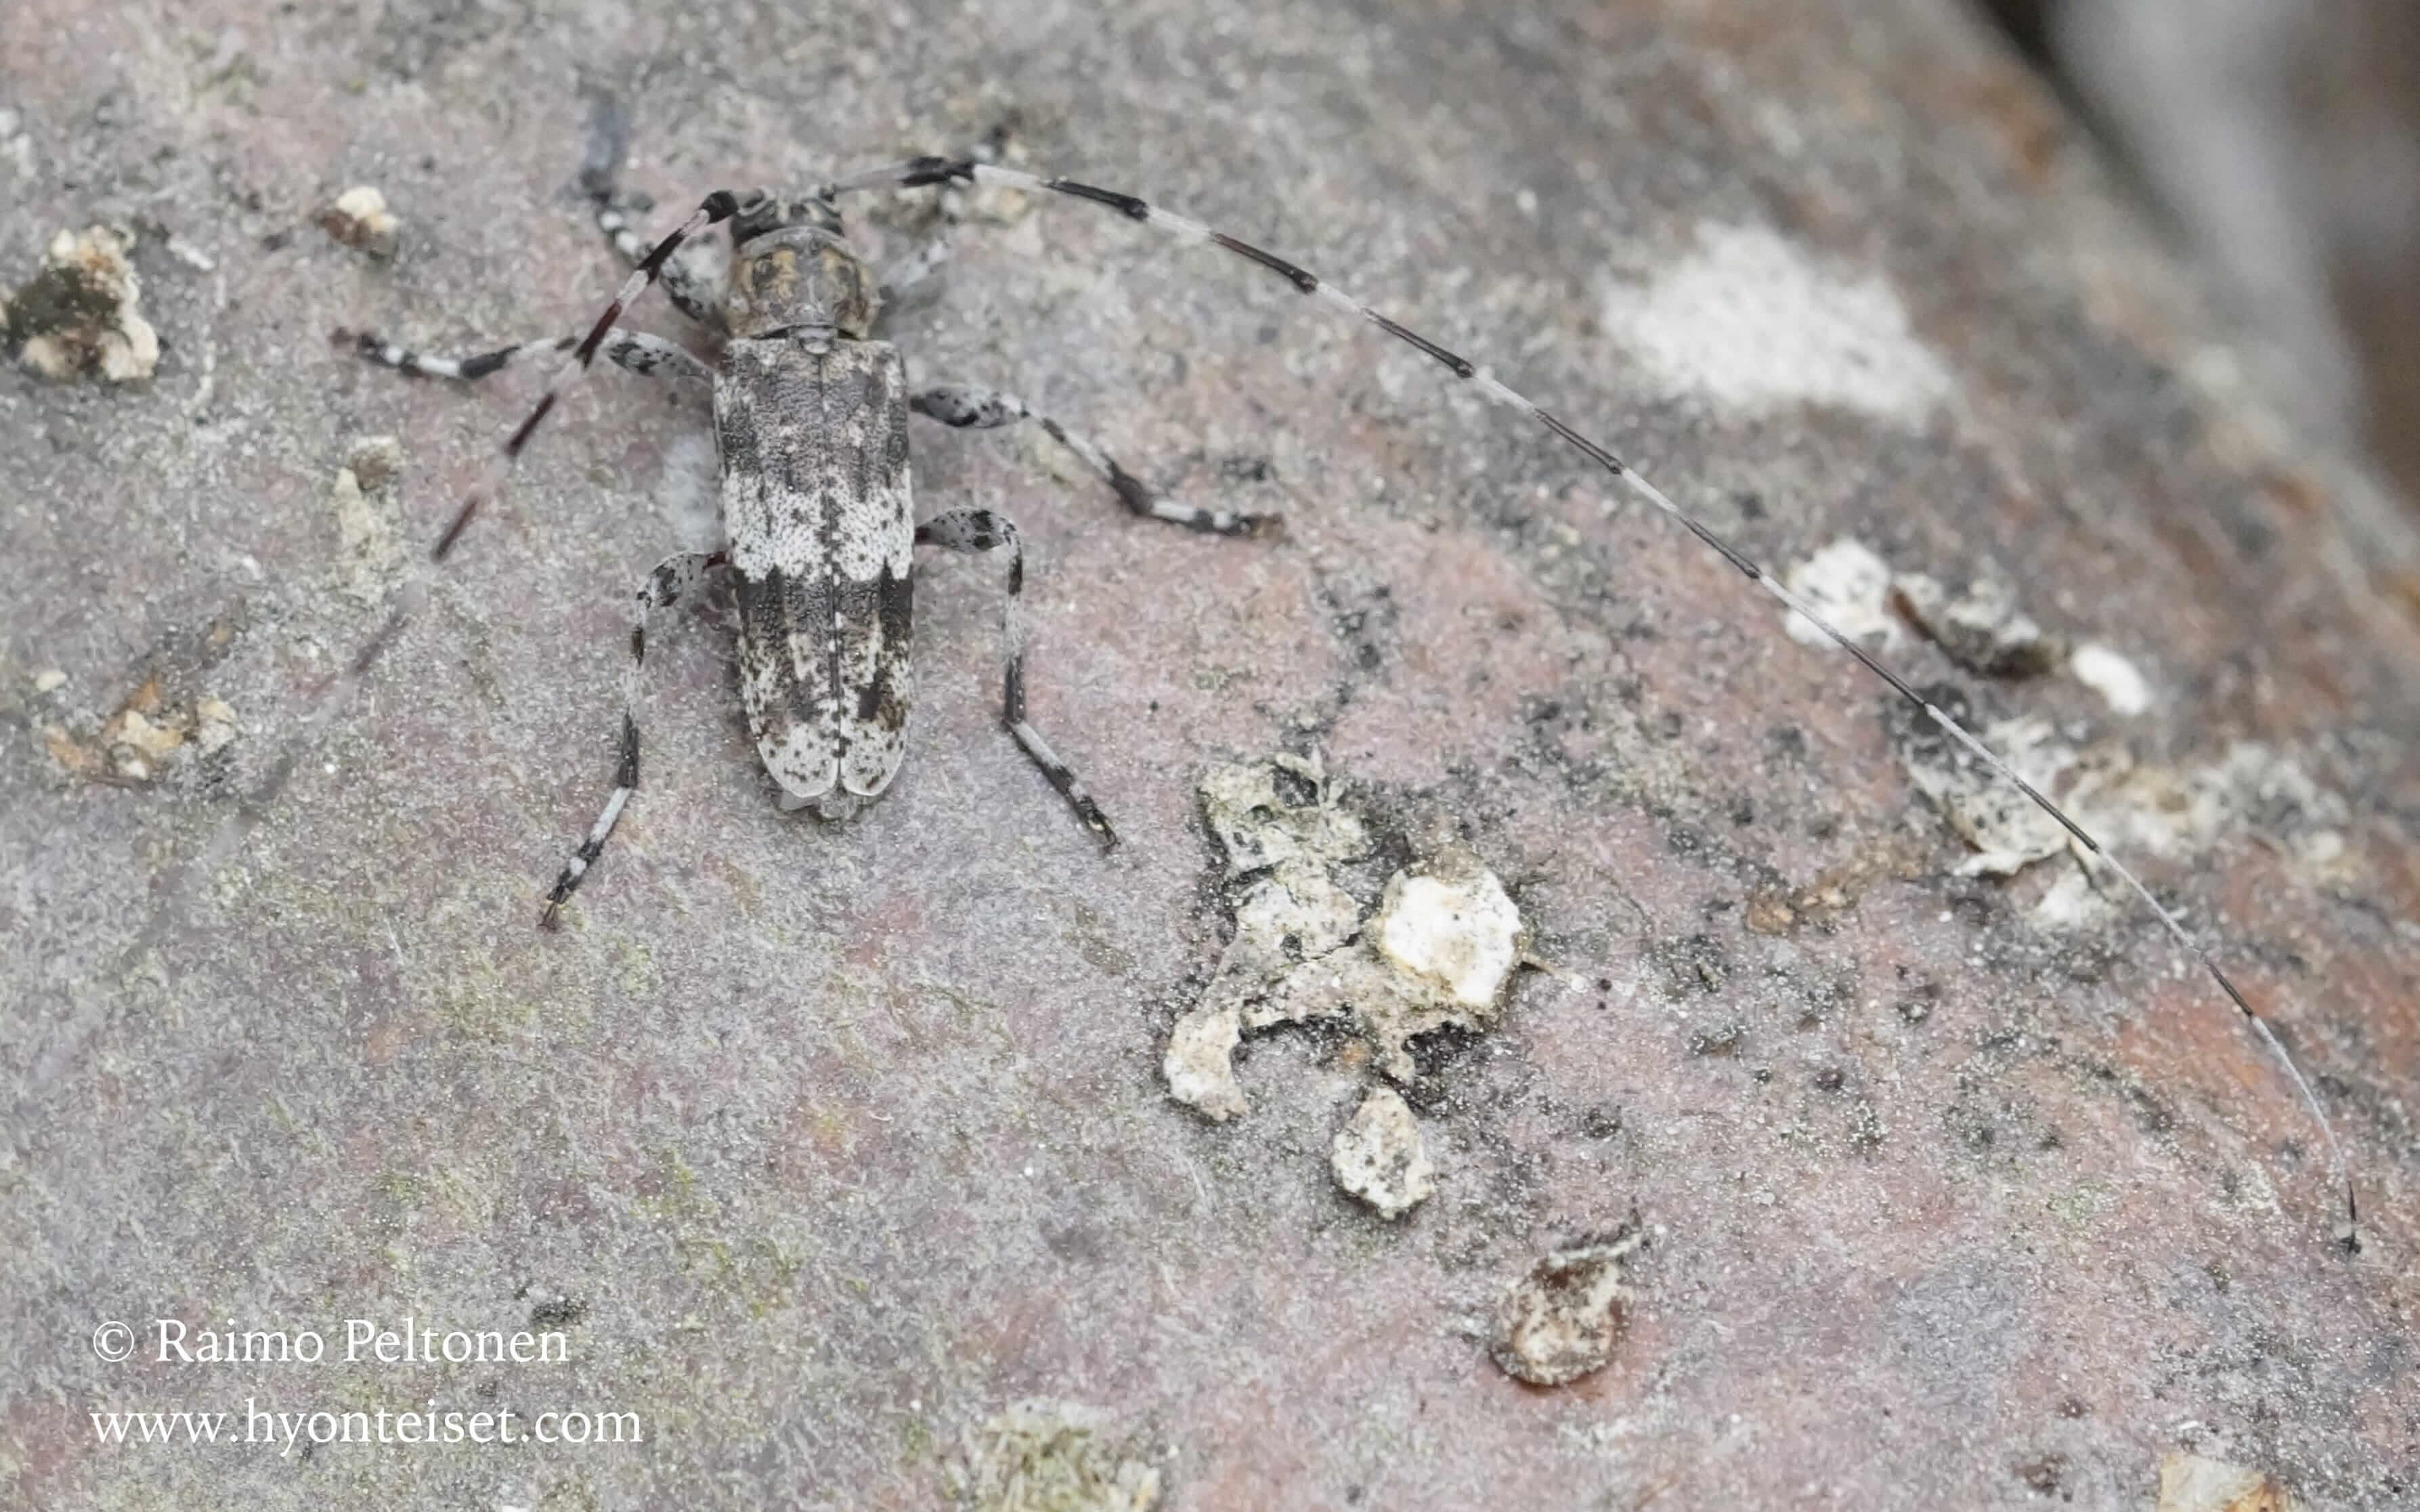 Acanthocinus griseus-pikkujaakko (det. Kari Heliövaara), 7.6.2016 Jyväskylä